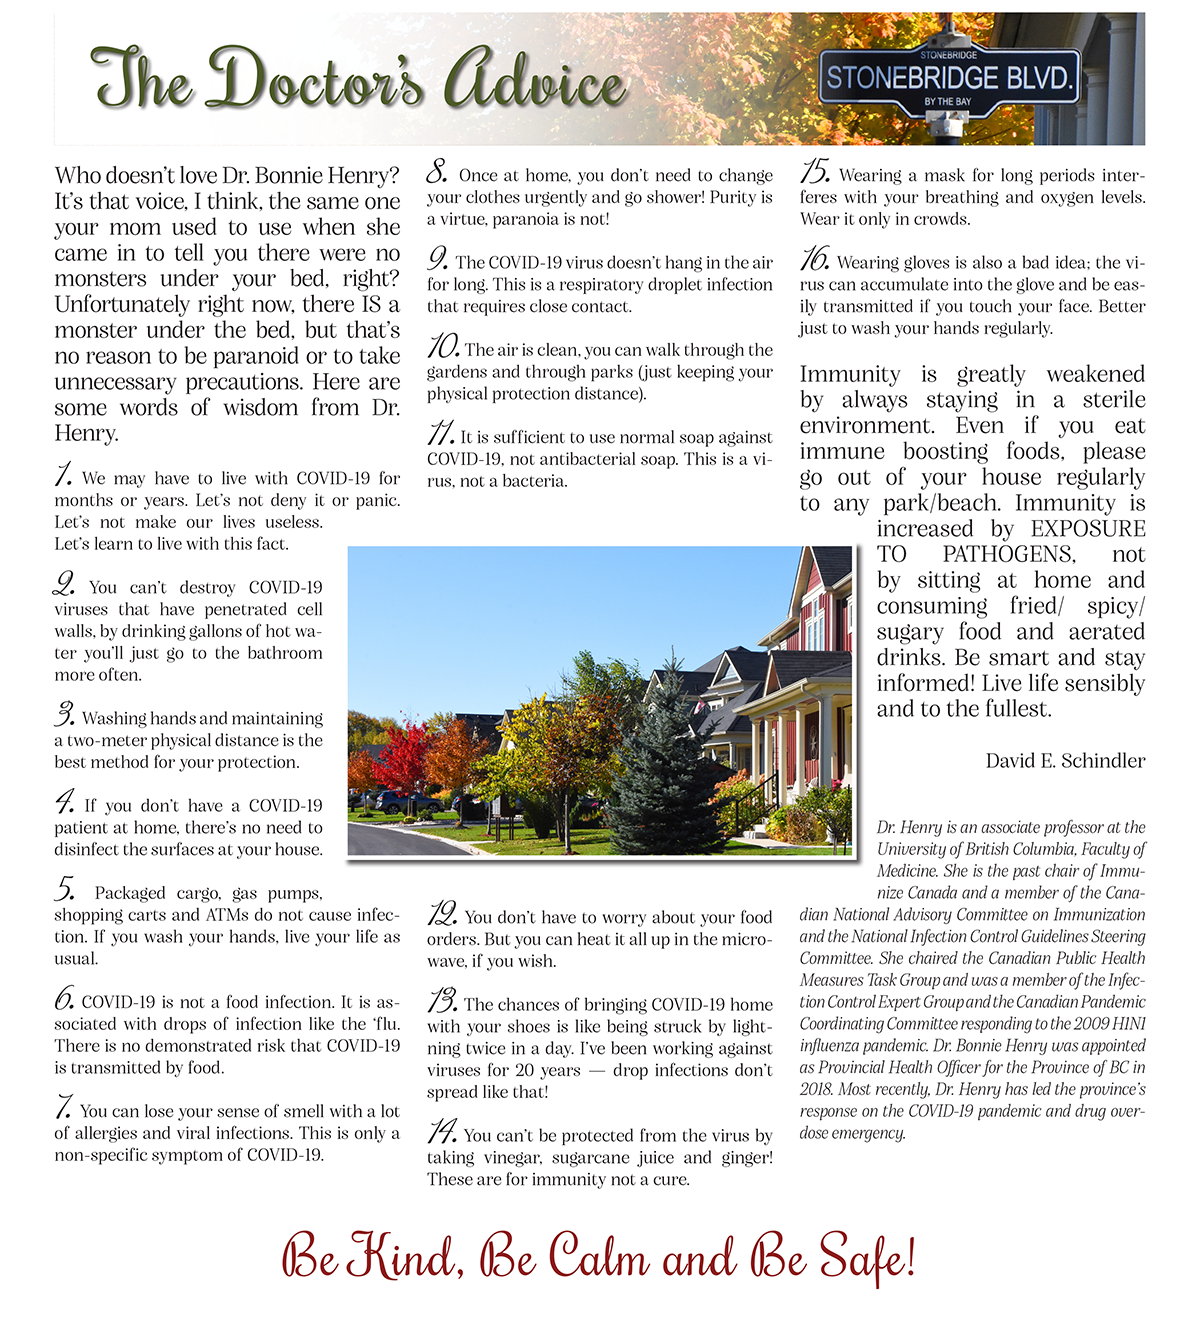 STC-November Newsletter - The Doctor's Advice